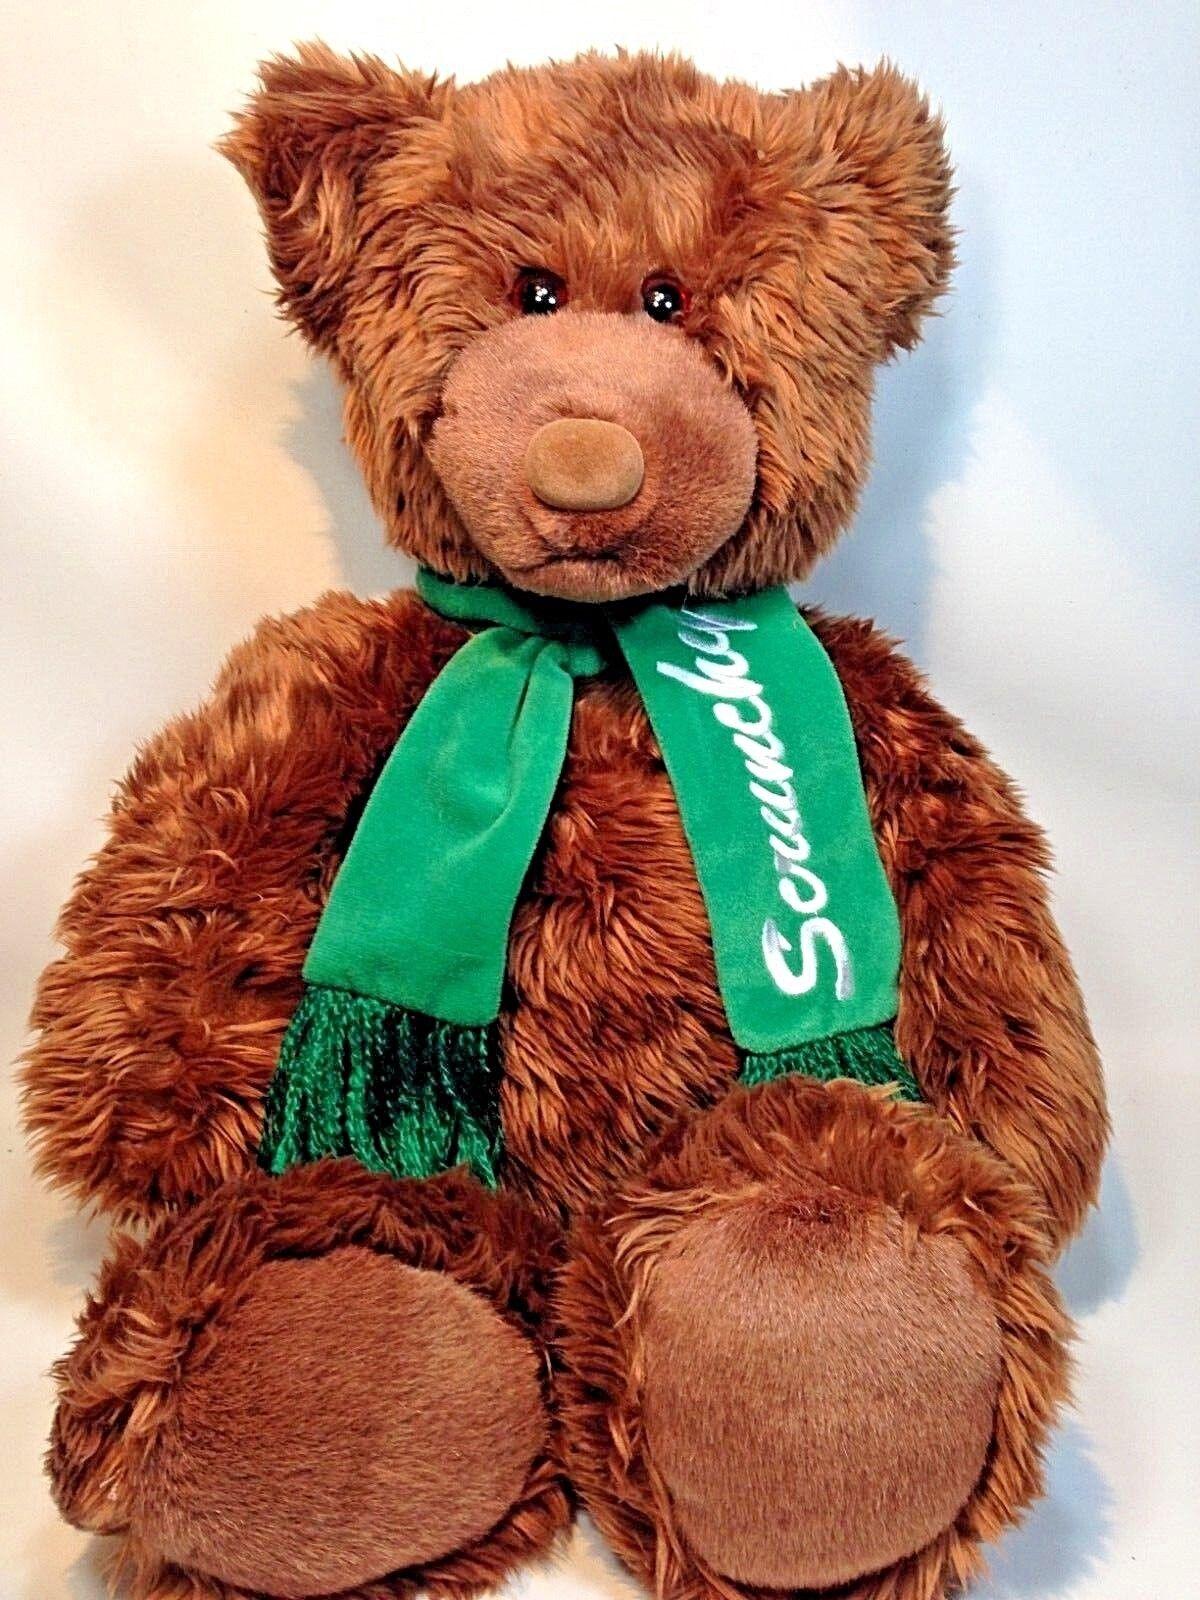 Gund Scspringaaky Bear Heads and Tails Teddy Plush bspringaa Grizzly Animal grön Sbilf